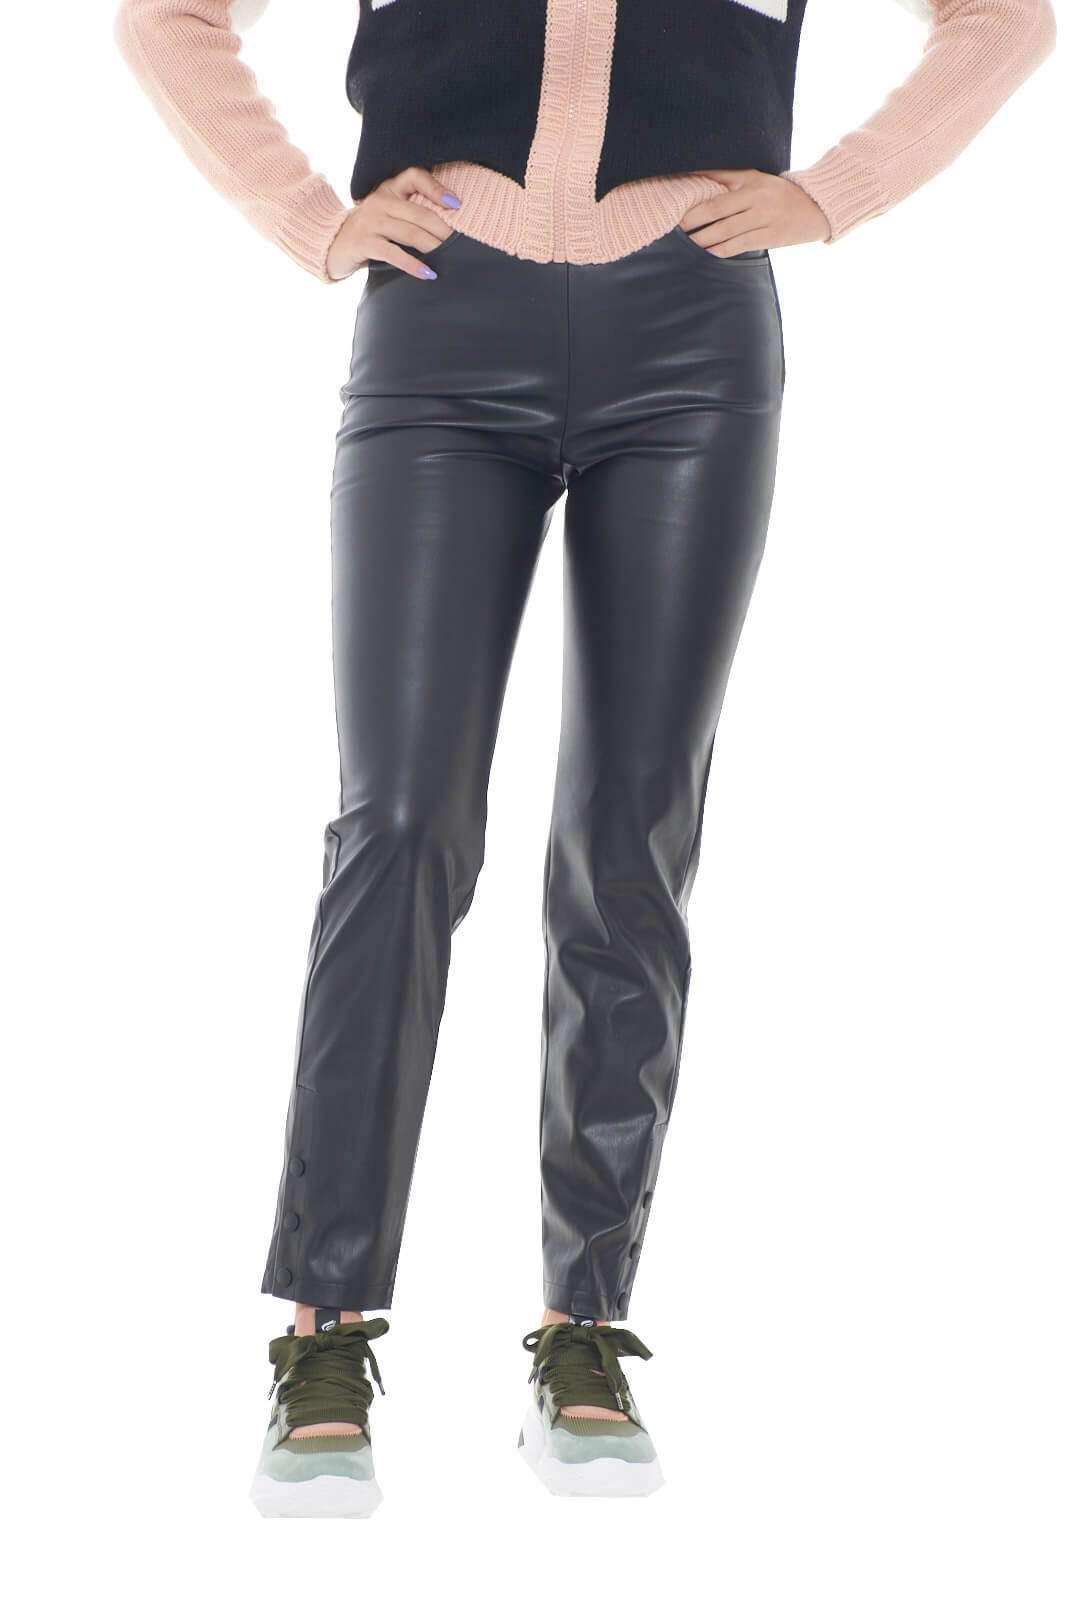 Un pantalone trendy e versatile quello firmato dalla new collection autunno inverno di Patrizia Pepe. Da indossare con maglie lunghe o con blazer, garantisce un tocco di femminilità ad ogni look. I bottoni a pressione sul fondo lo rendono speciale.